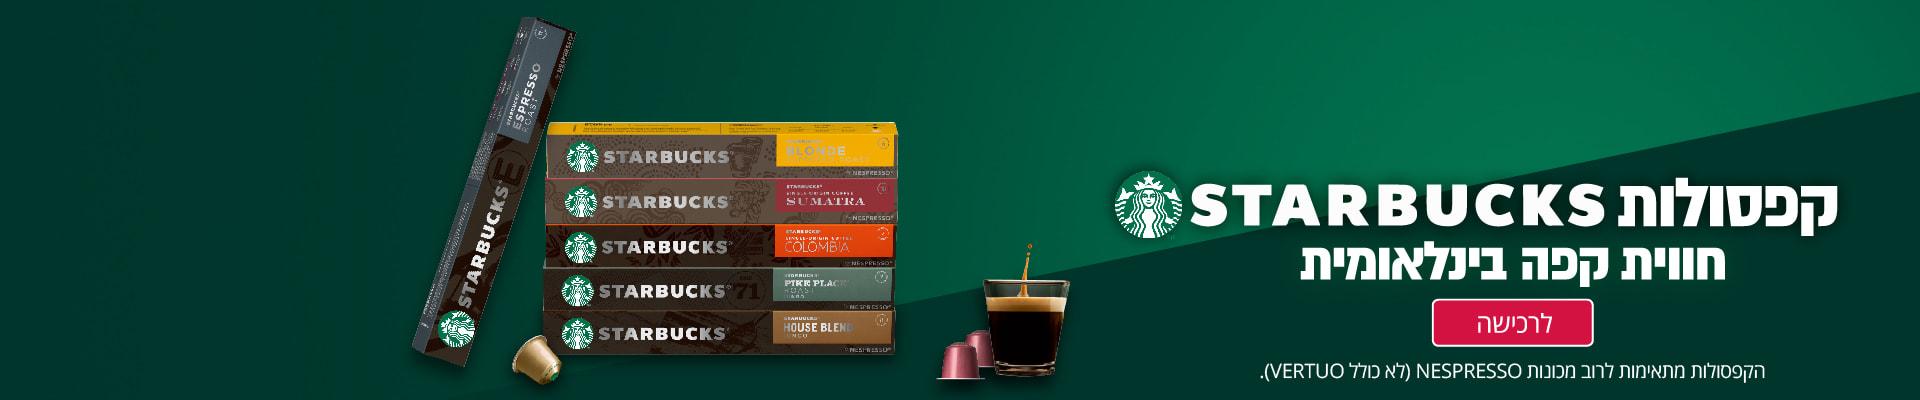 קפסולות STARBUCKS חווית קפה בינלאומית. הקפסולות מתאימות לרב מכונות NESPRESSO (לא כולל VERTURO).